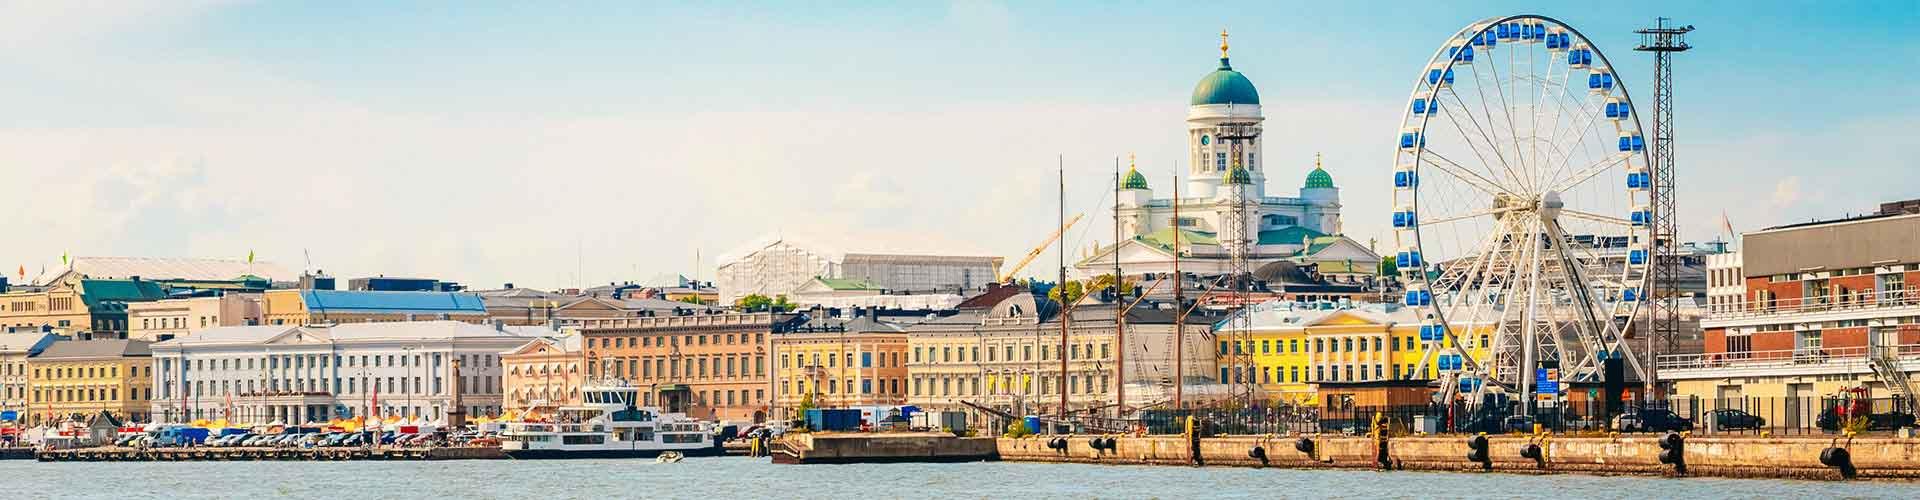 Helsinki - apartmány v Helsinki. Mapy pro Helsinki, fotky a recenze pro každý apartmán - Helsinki.